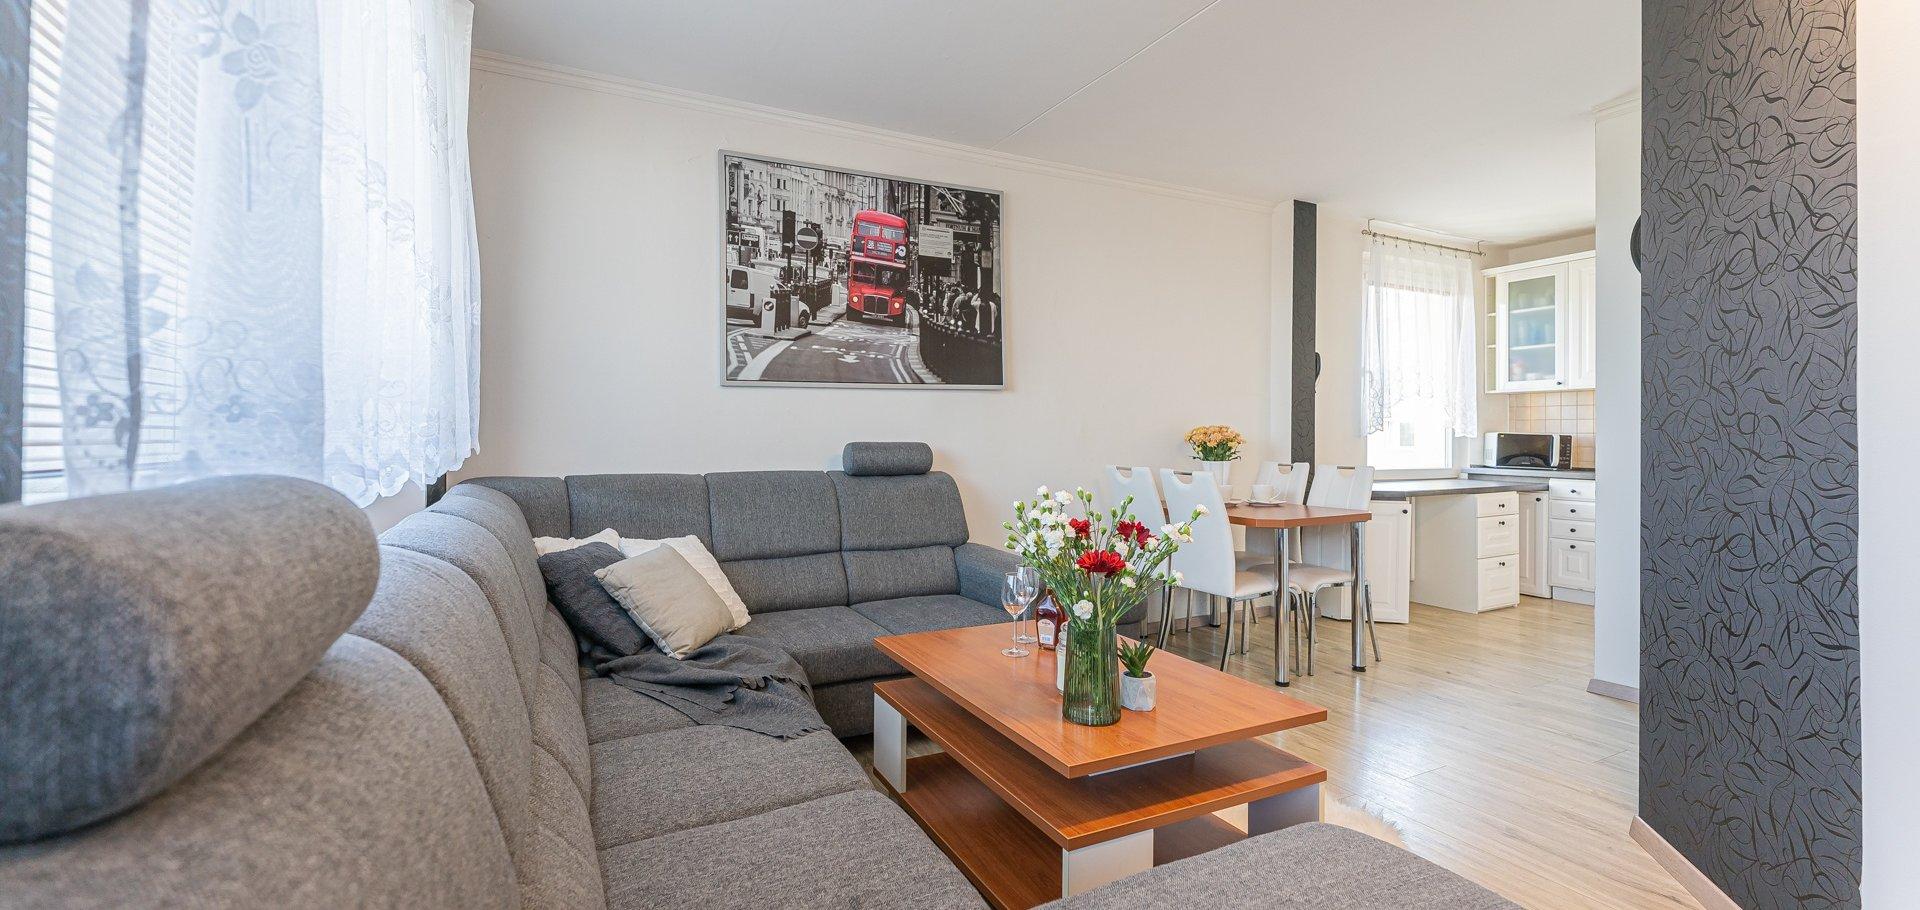 Prodej bytu 3+kk, 74 m², Hřebečská, Kladno - Kročehlavy